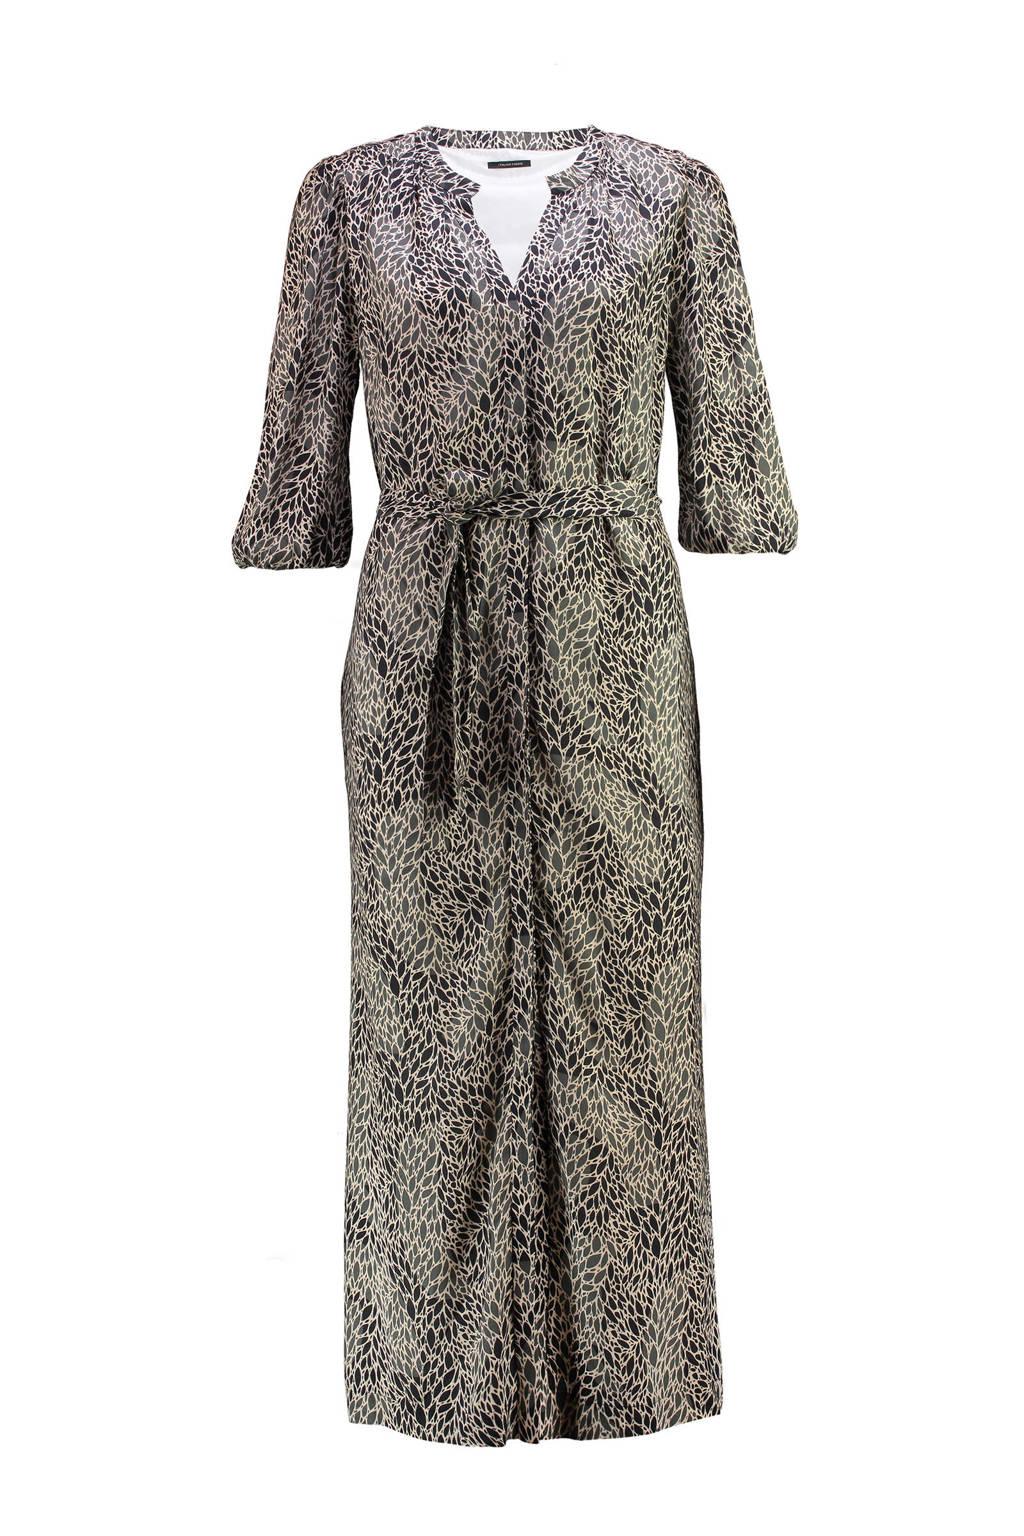 Claudia Sträter semi-transparante maxi jurk met all over print beige/zwart, Beige/zwart